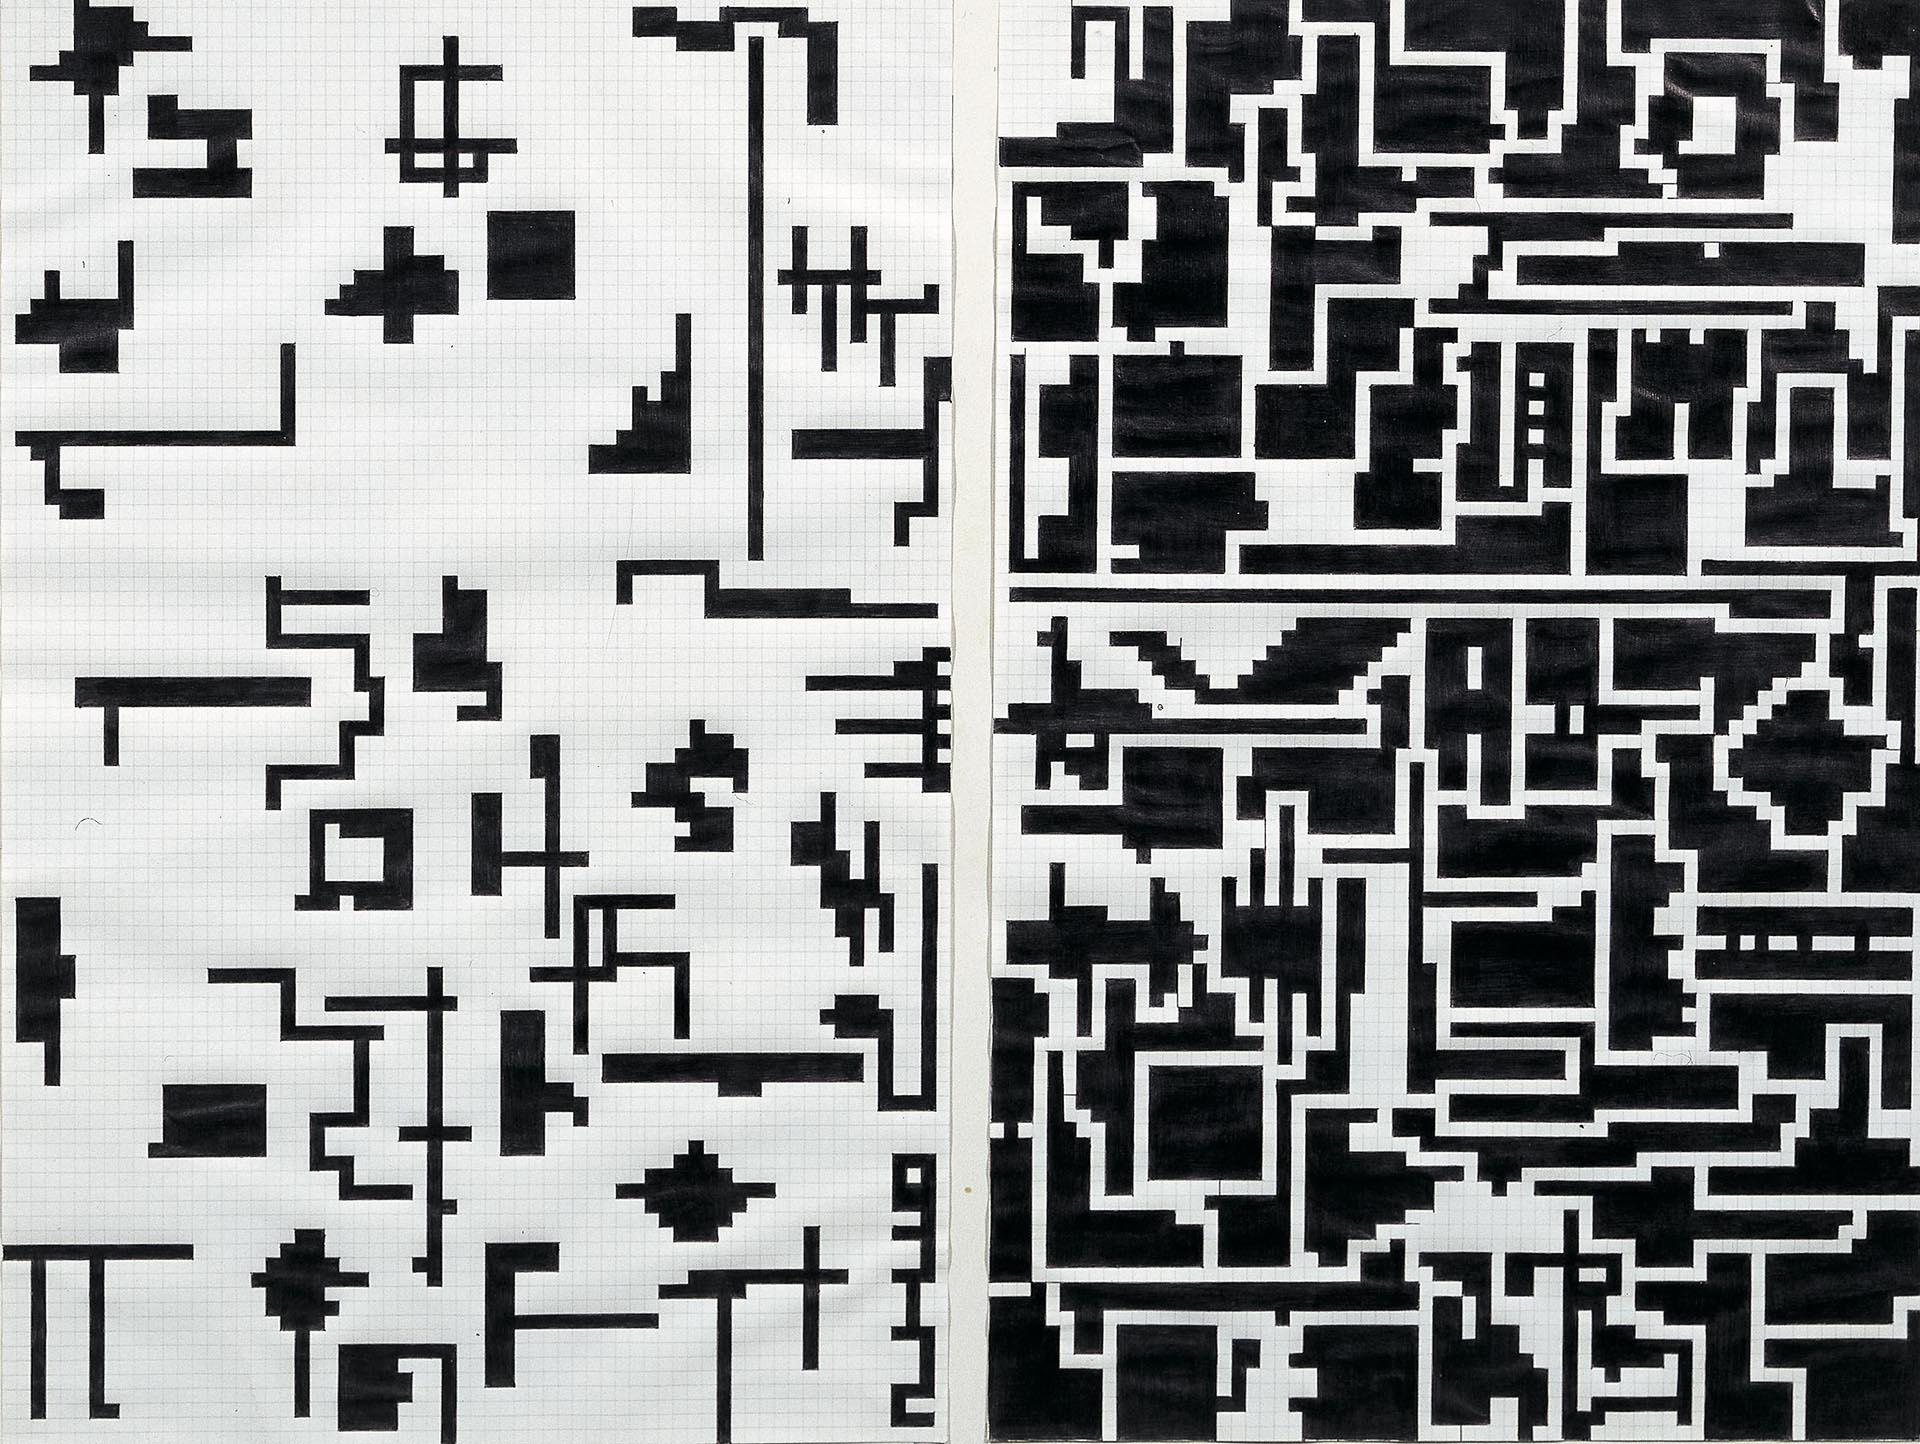 Boetti, Storia naturale della moltiplicazione, 1974-75, 70x100 cm